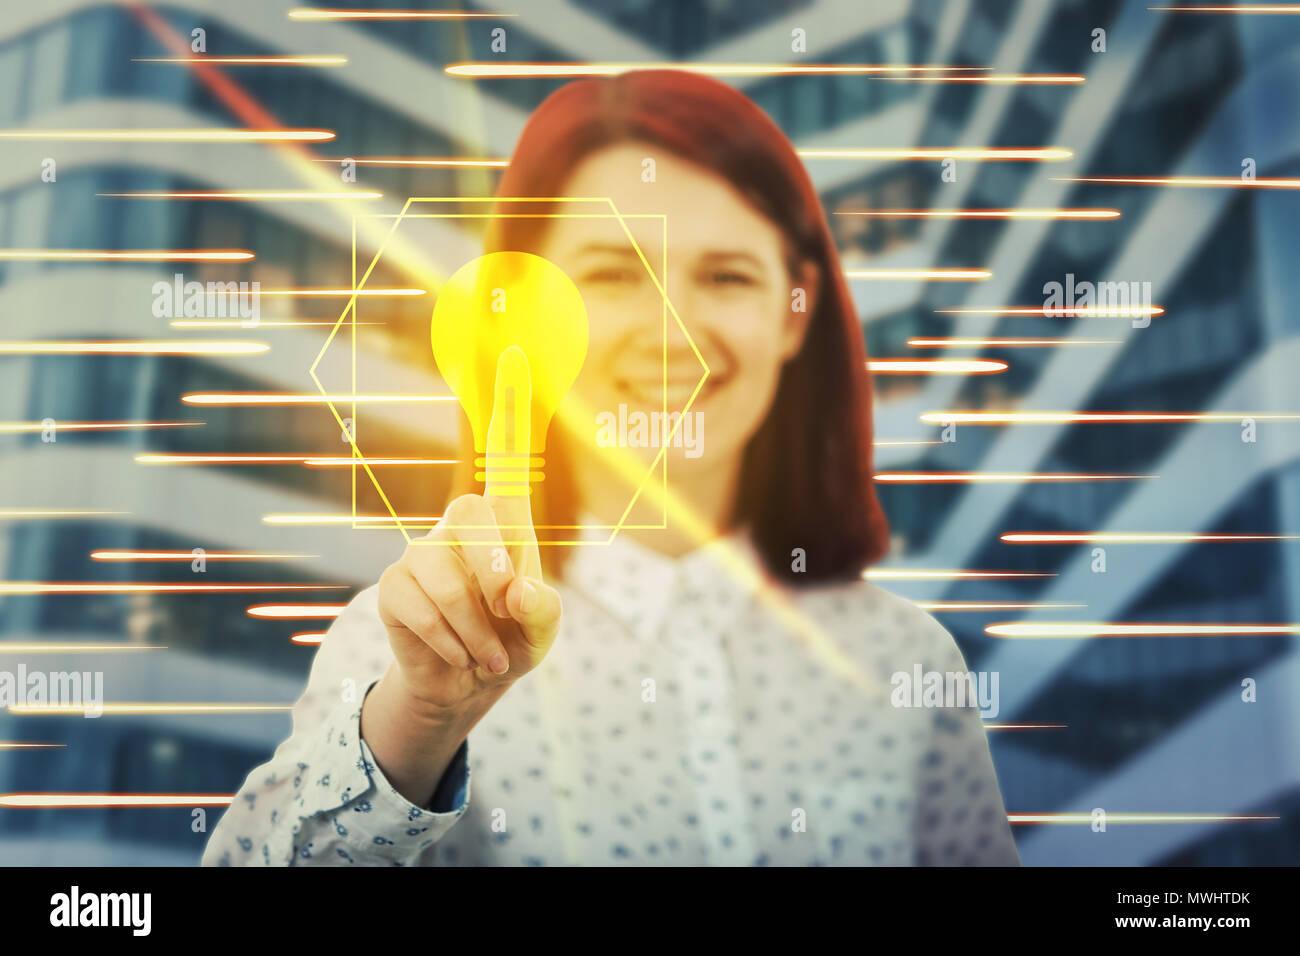 Mujer sonriente tocar la interfaz de pantalla digital con su dedo. Pulse una bombilla de luz dorada. La creatividad y la idea de concepto en las modernas tecnologías virtual Imagen De Stock